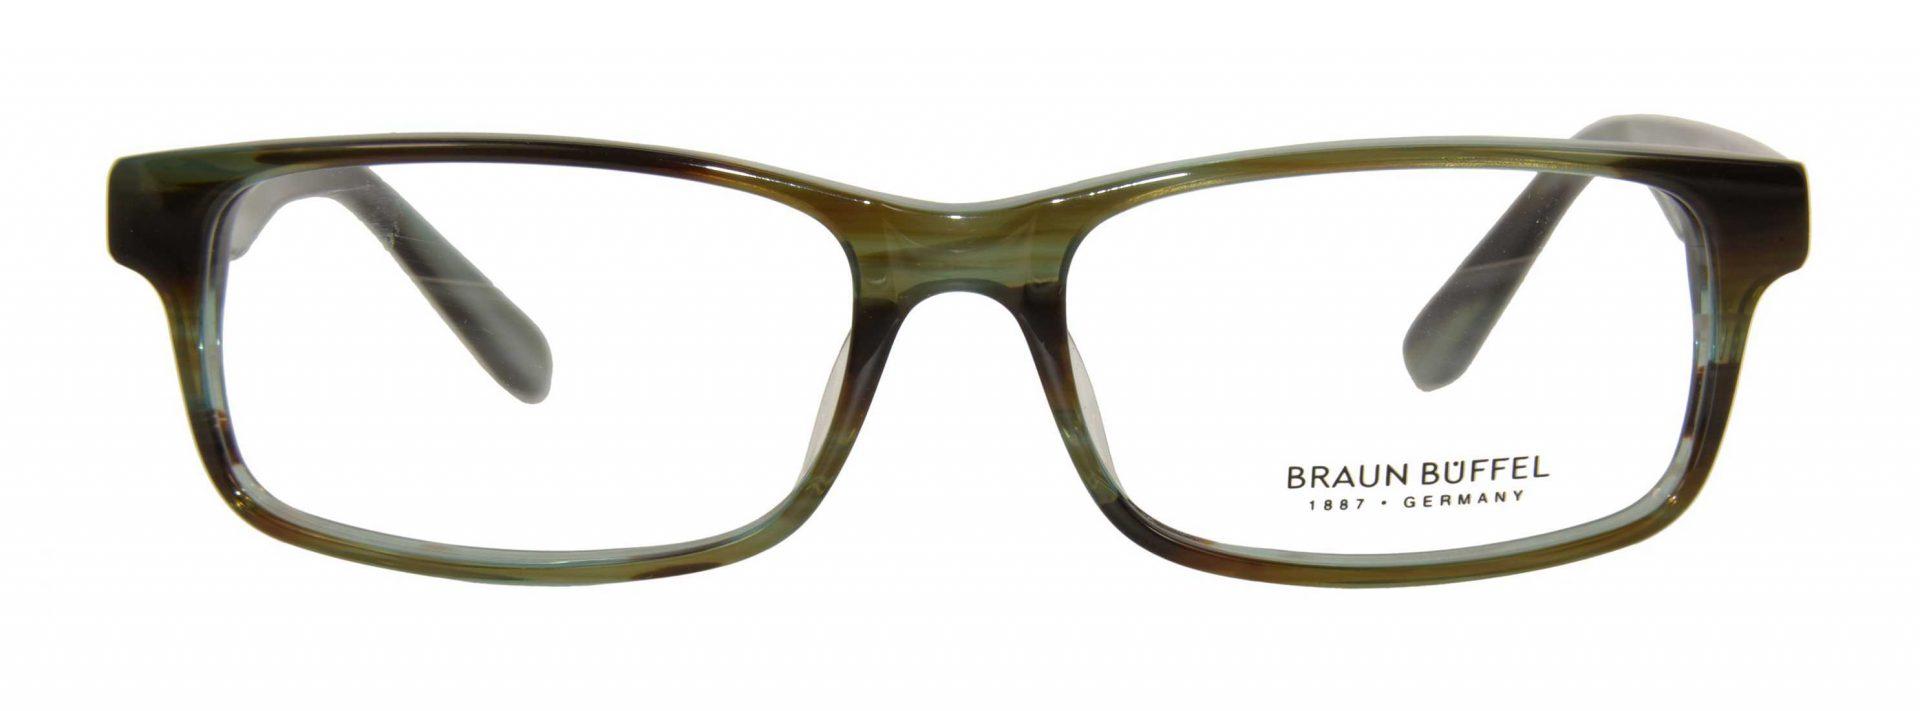 Braun Buffel spectacles 15211 808 01 2970x1100